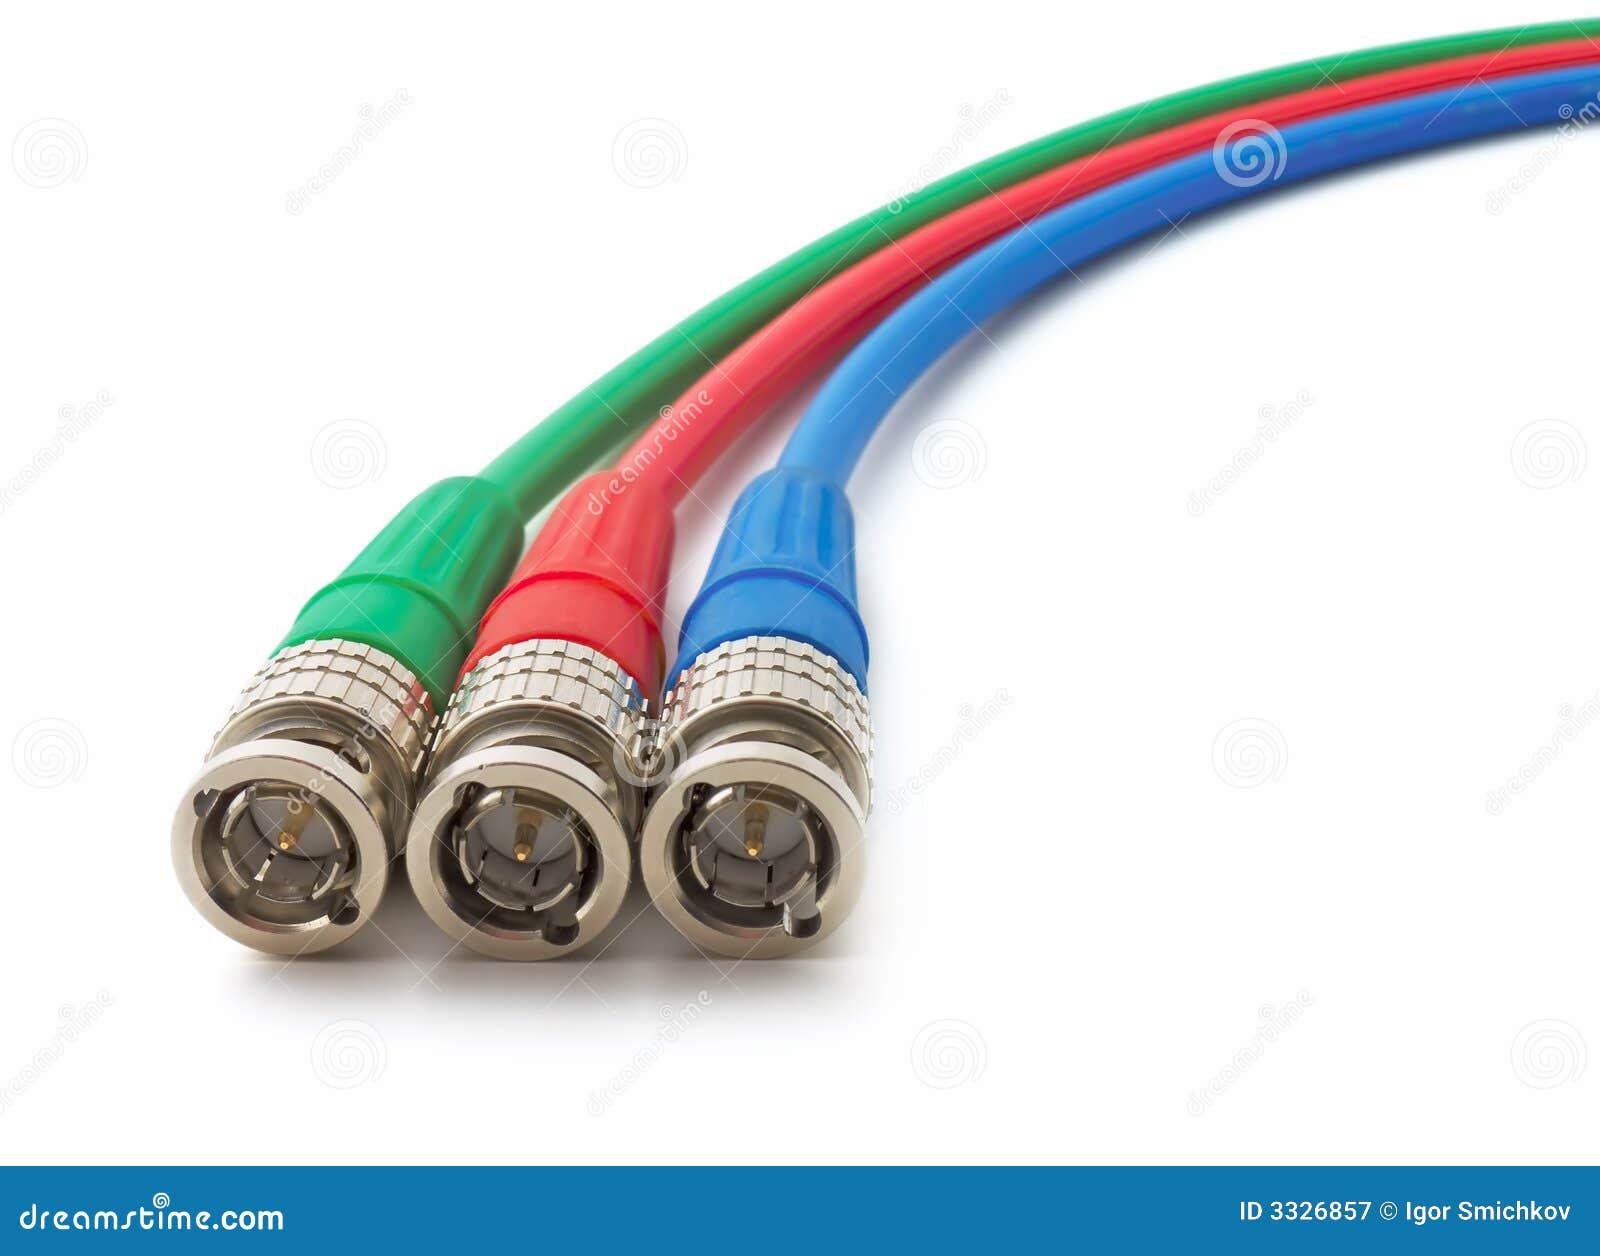 Cores do RGB, conectores de BNC